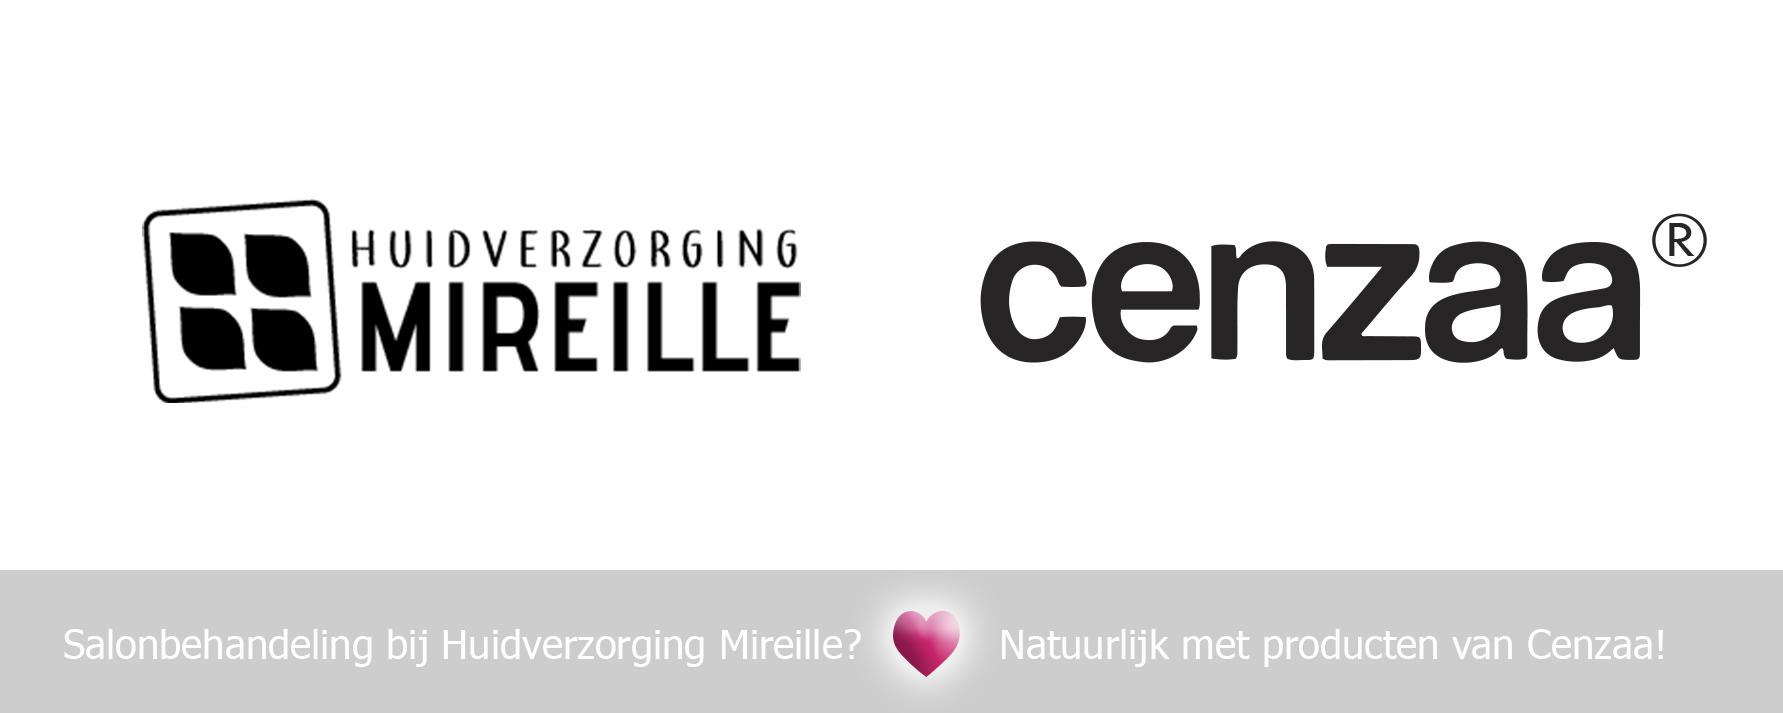 Salon Mireille gebruikt Cenzaa verzorgingsproducten